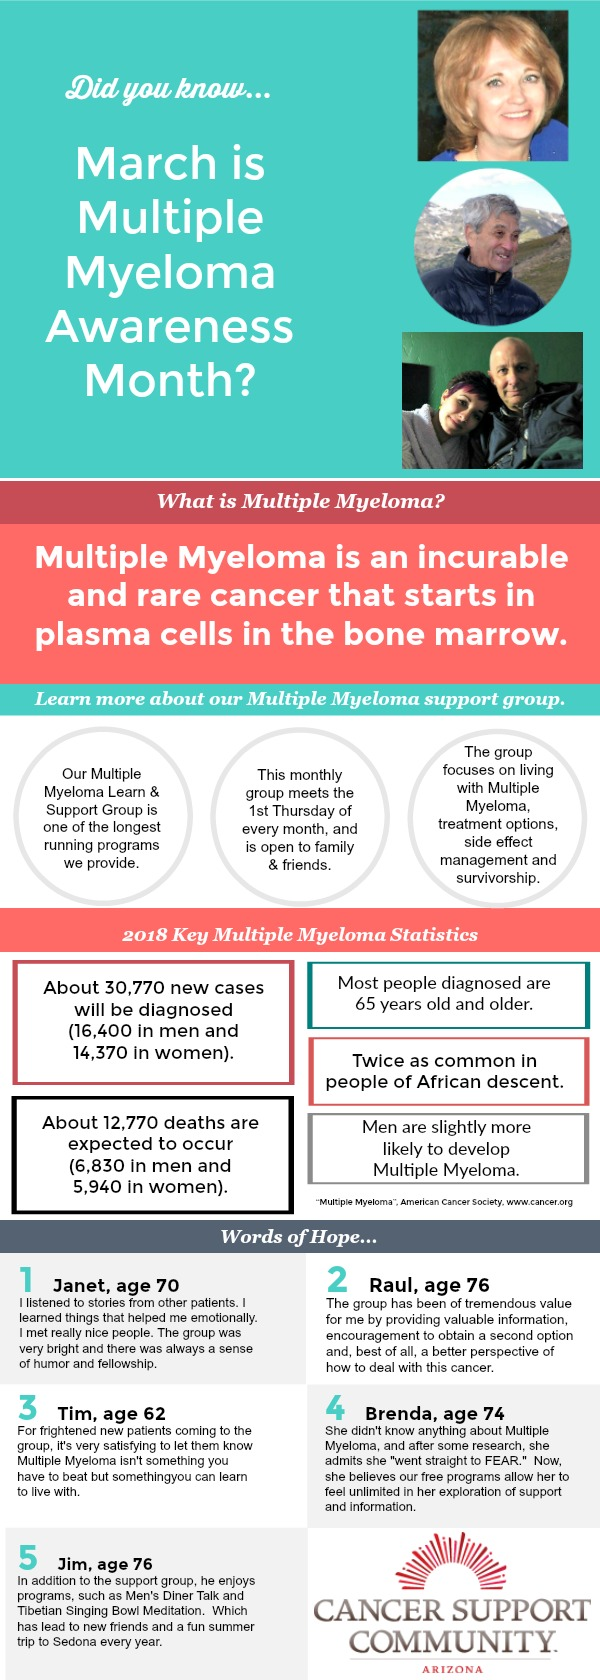 Multiple Myeloma Awareness Month - Cancer Support Community Arizona